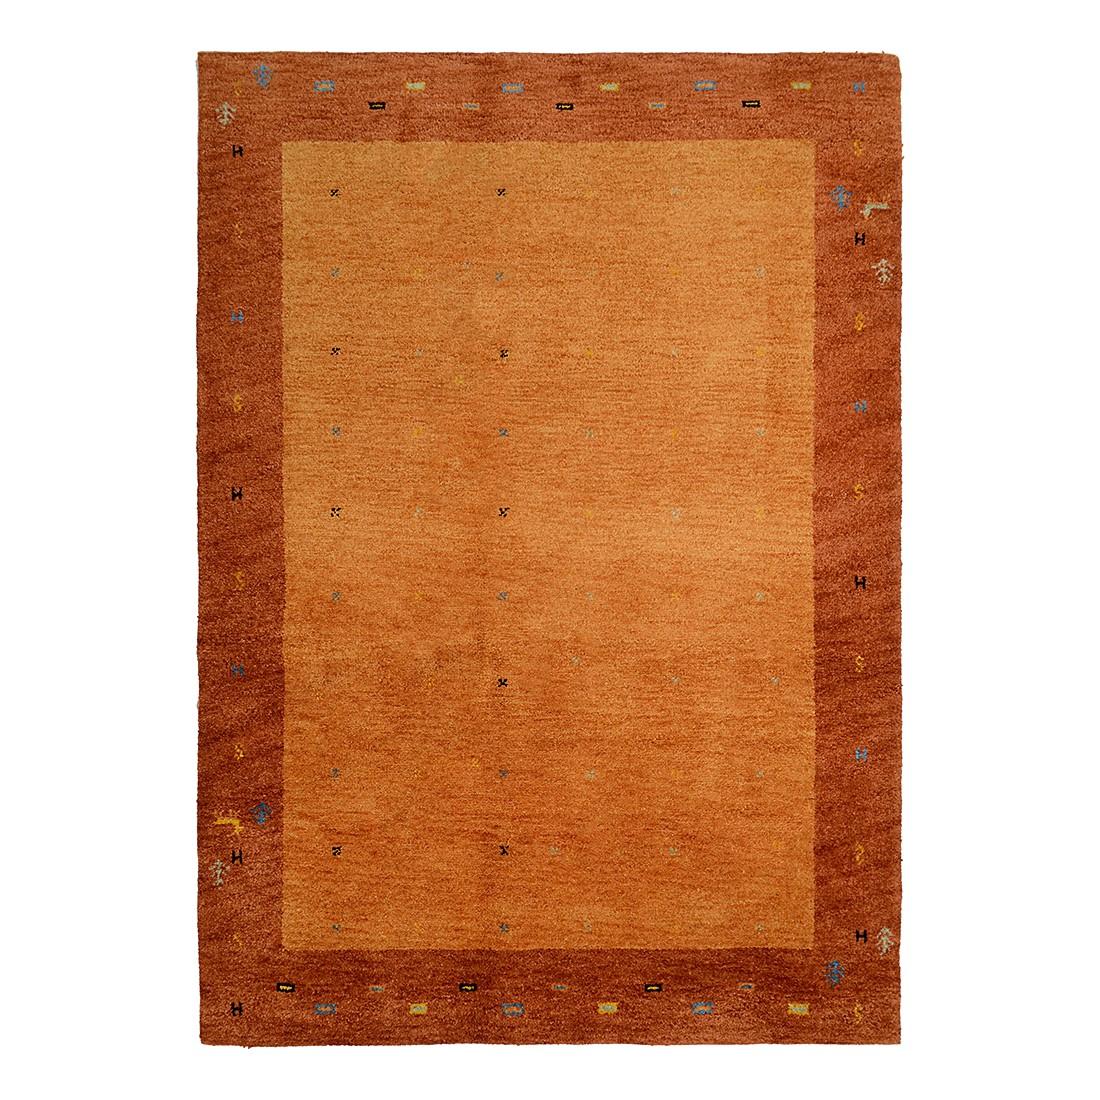 Teppich-Indo Gabbeh Vadodara – Rot – 170 x 240 cm, Parwis jetzt bestellen